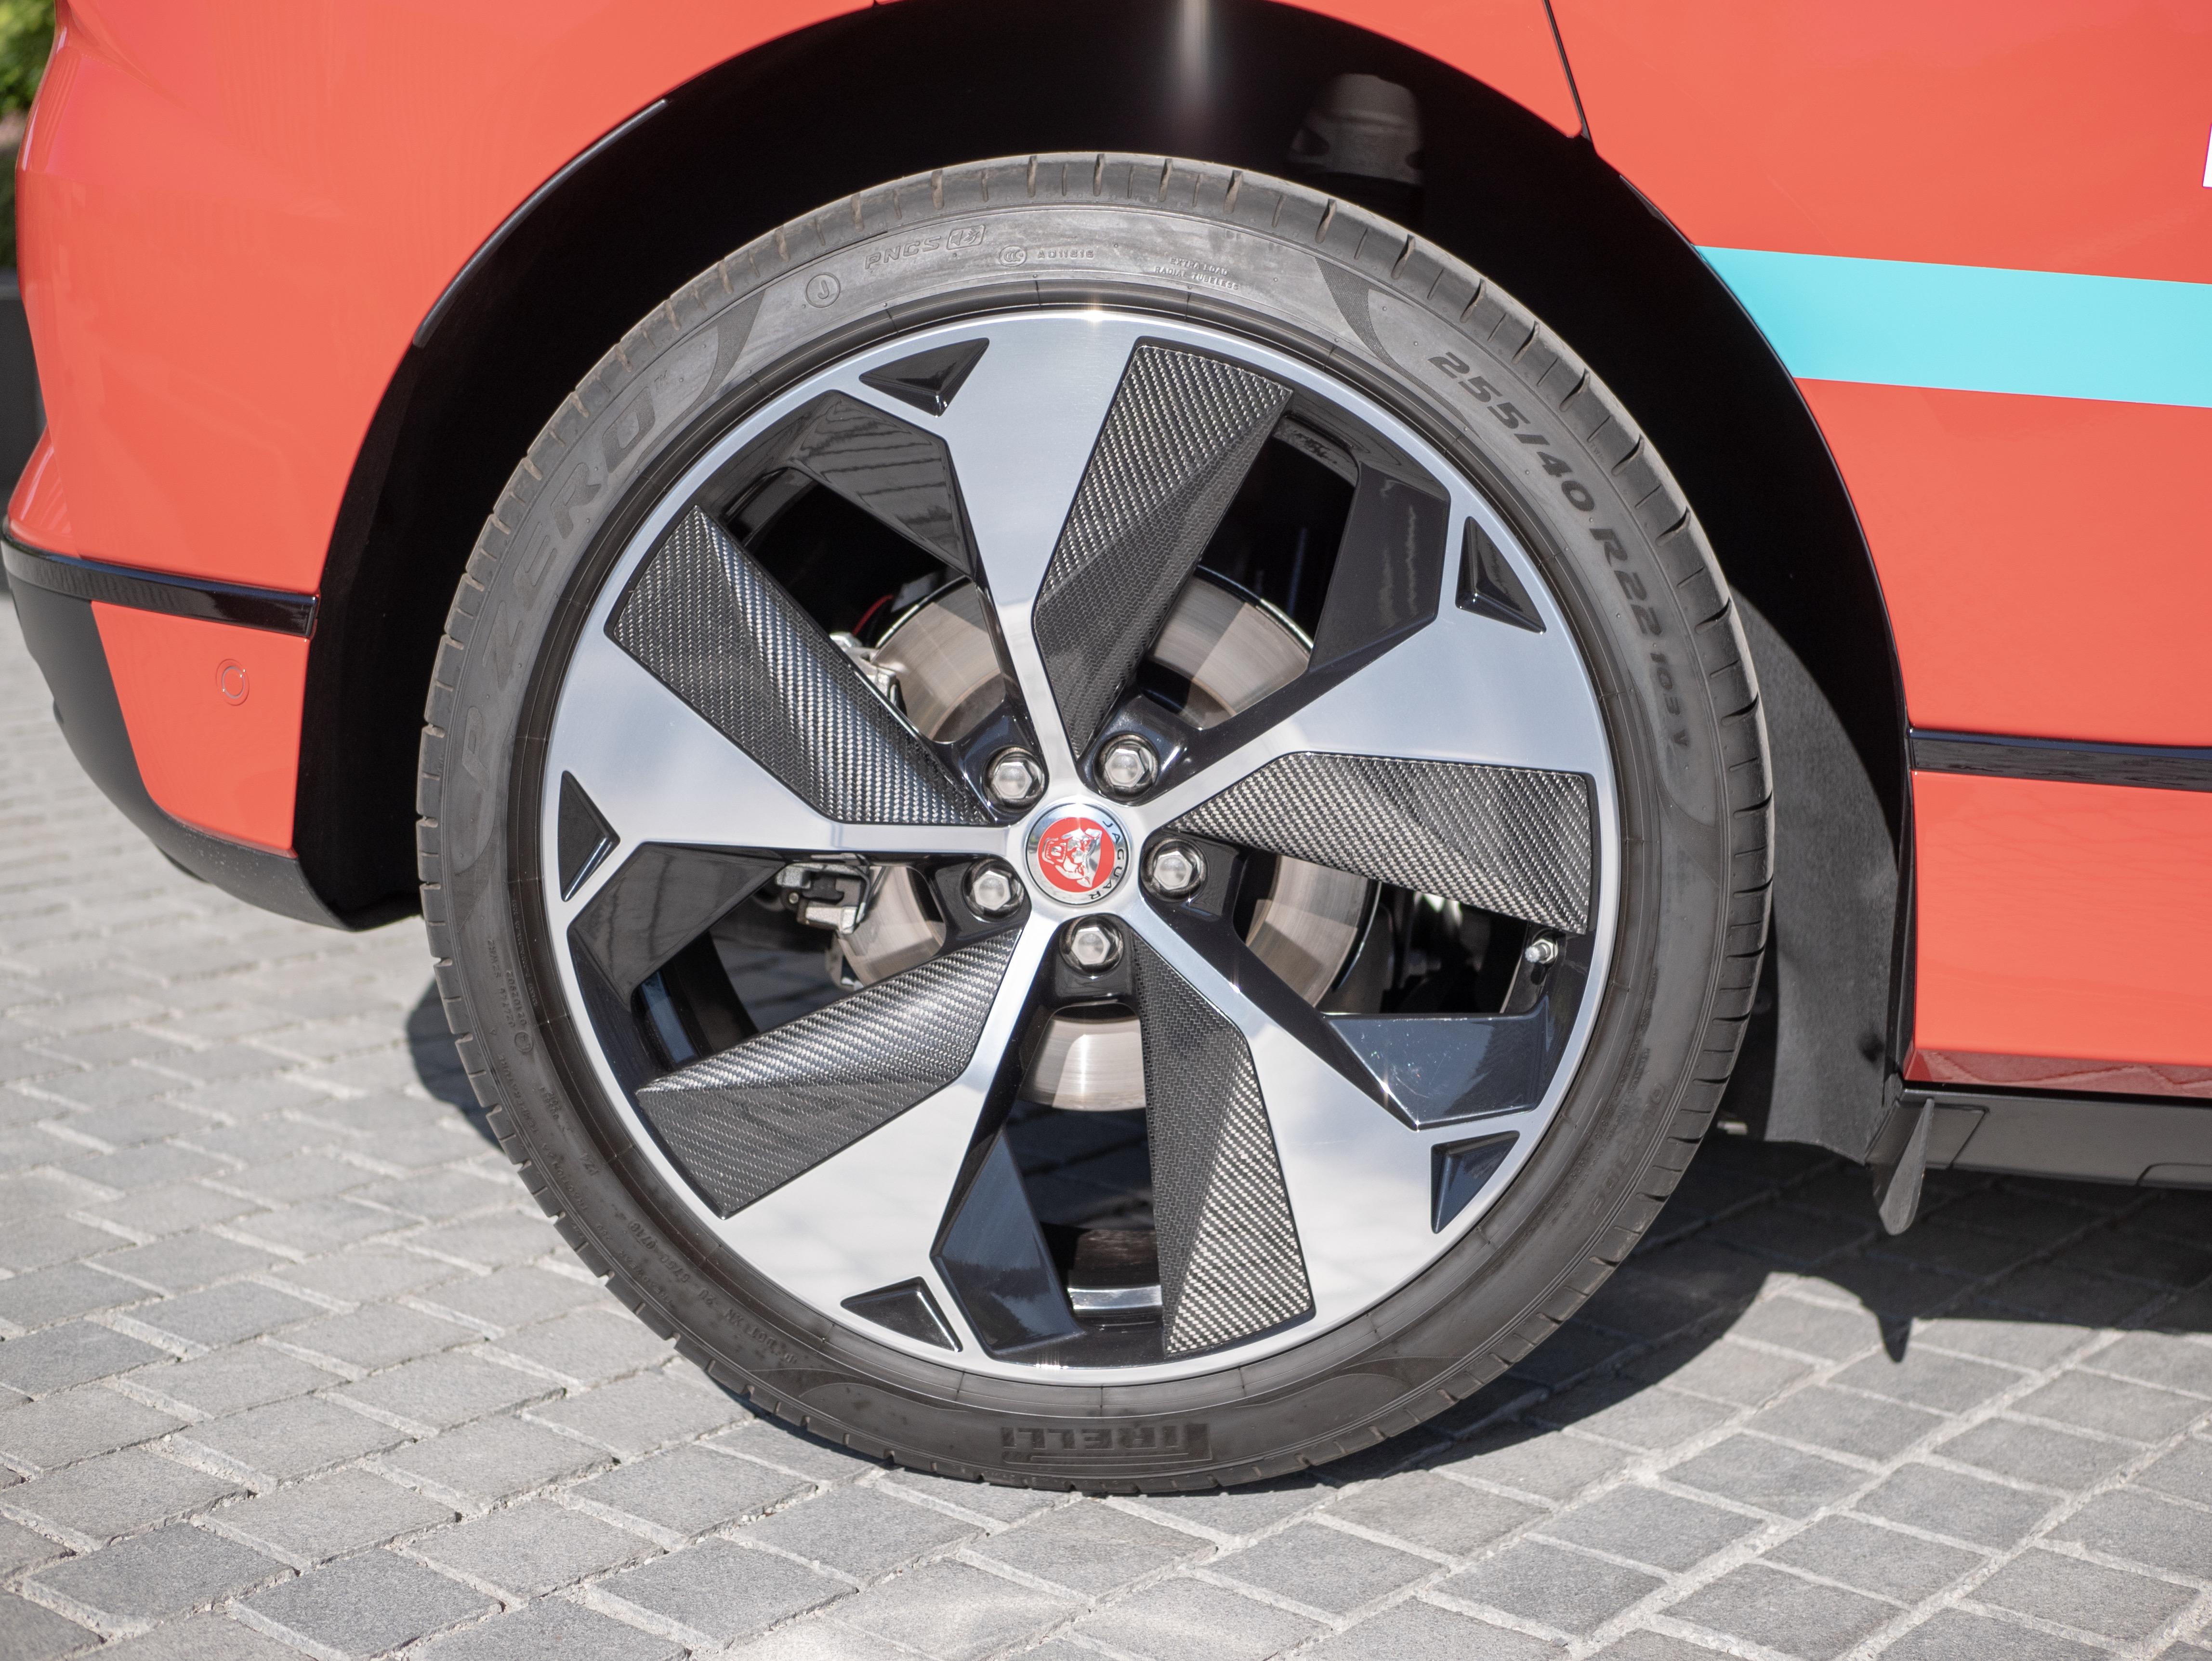 Nei, denne bilen fortjener ikke å ha rust på bremseskivene.